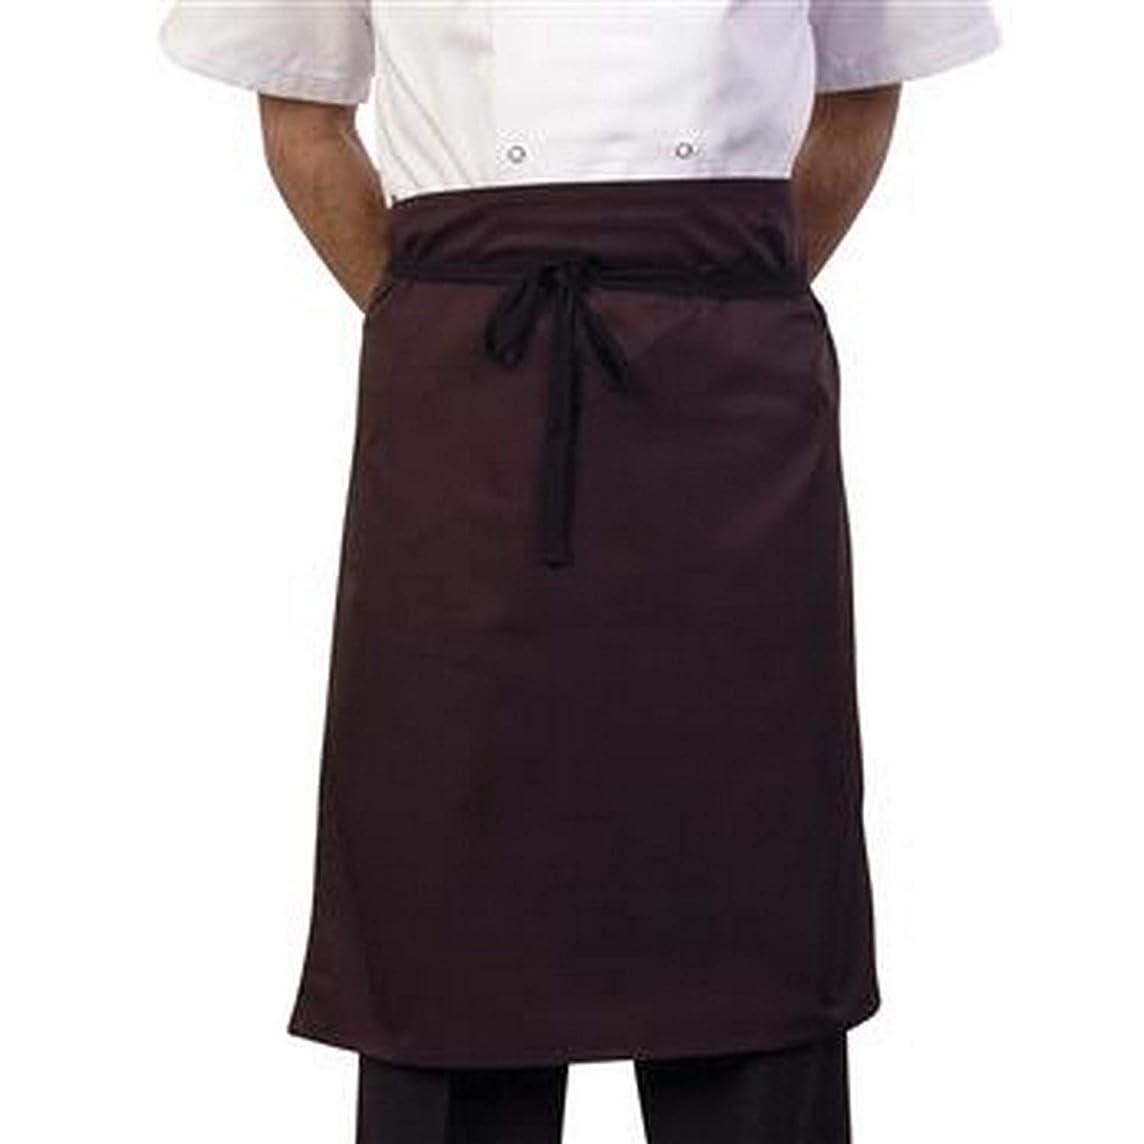 配管工公使館襟(ボンシェフ) BonChef 大人用 24インチ ウエストエプロン 制服 ユニフォーム